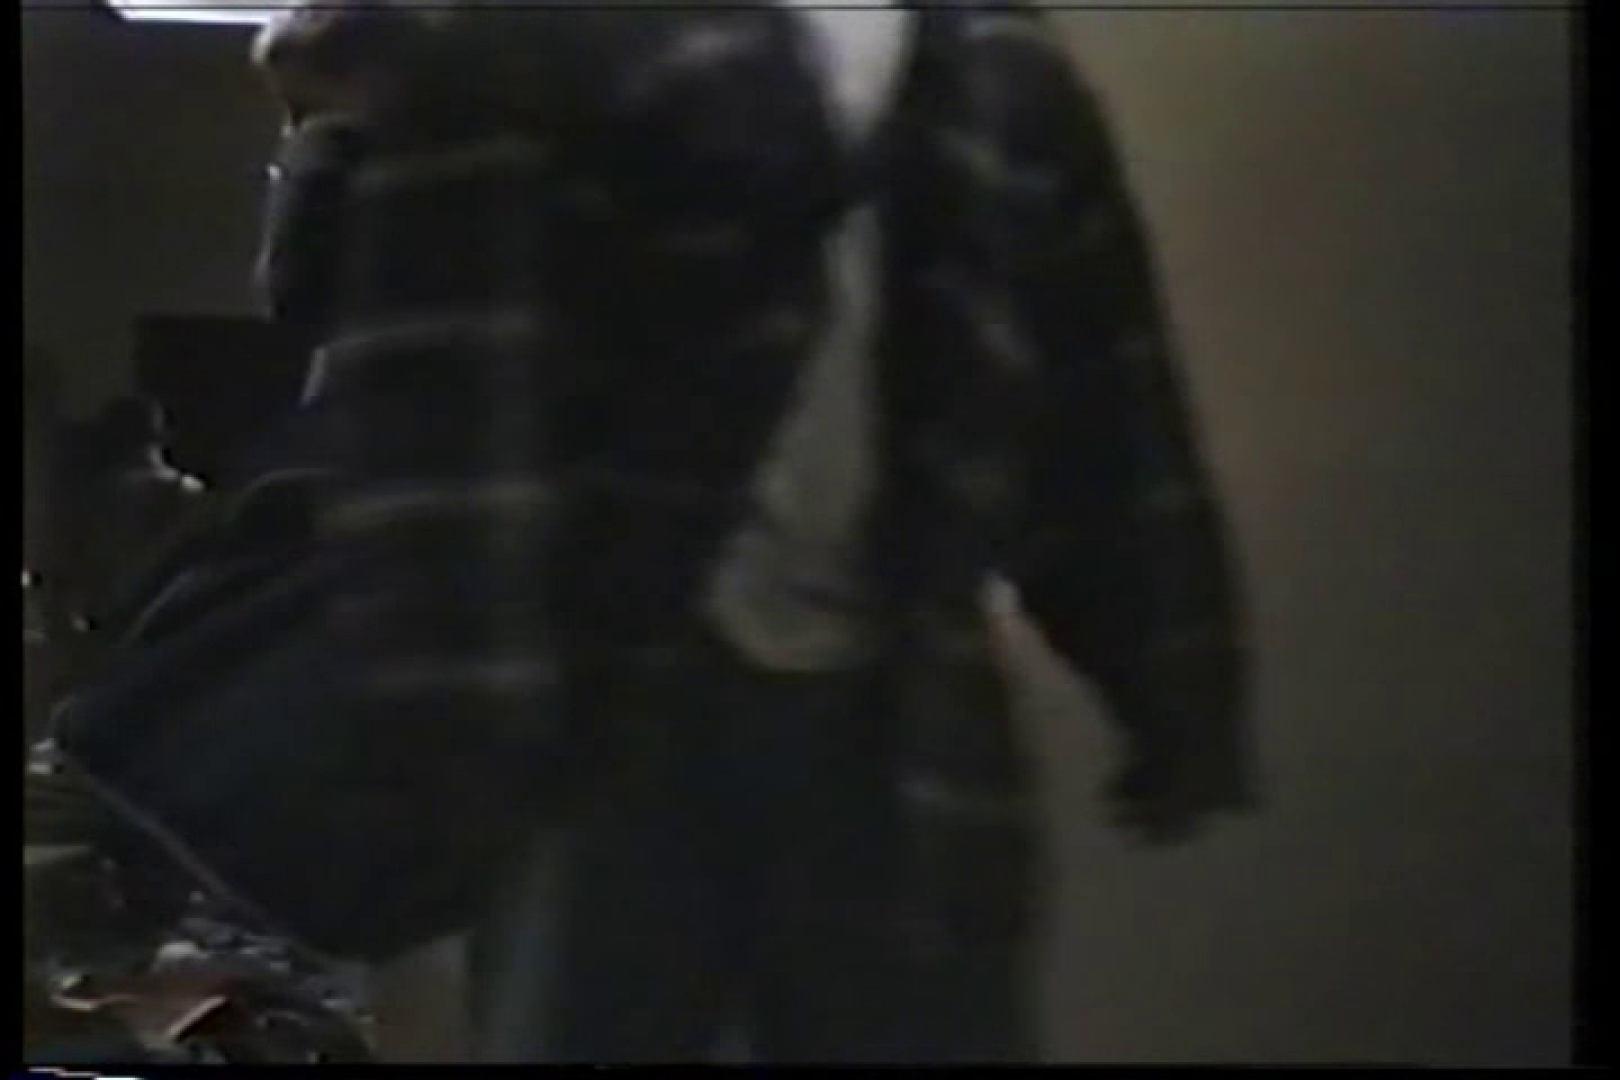 洋人さんの脱衣所を覗いてみました。VOL.1 完全無修正でお届け | ノンケボーイズ  66pic 14